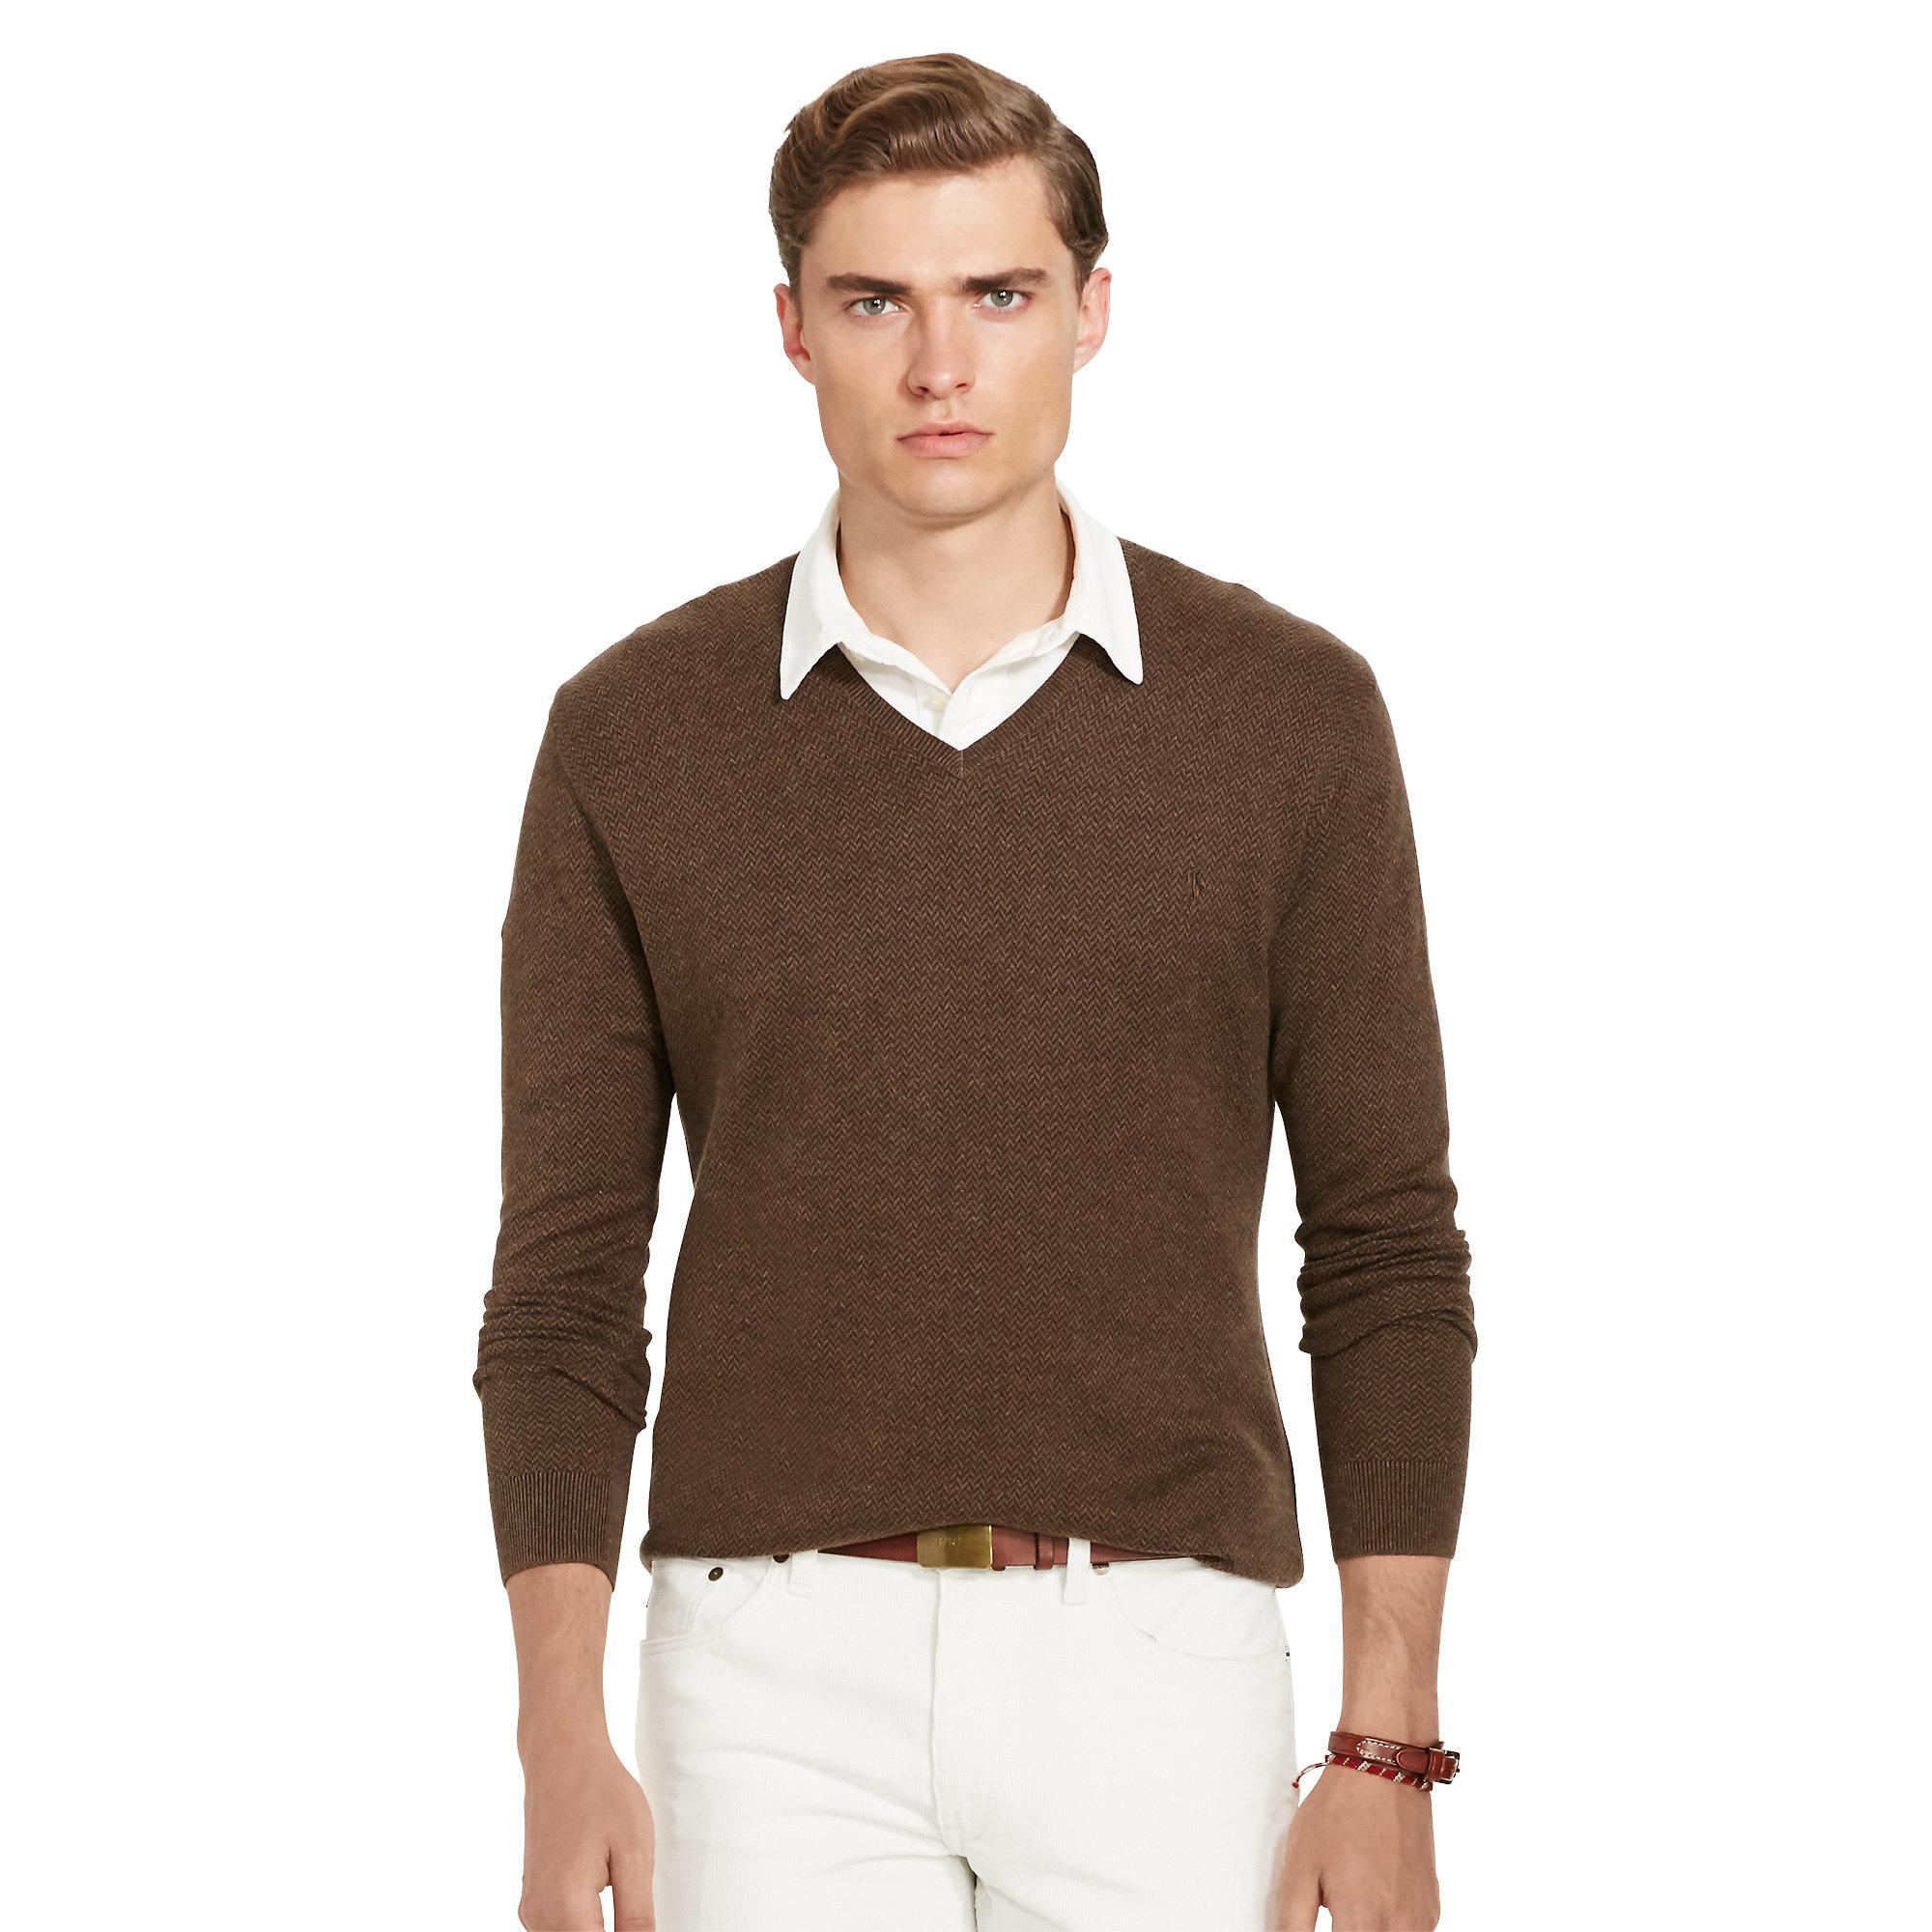 Polo ralph lauren sweater crew neck pima cotton sweater for Crew neck sweater with collared shirt